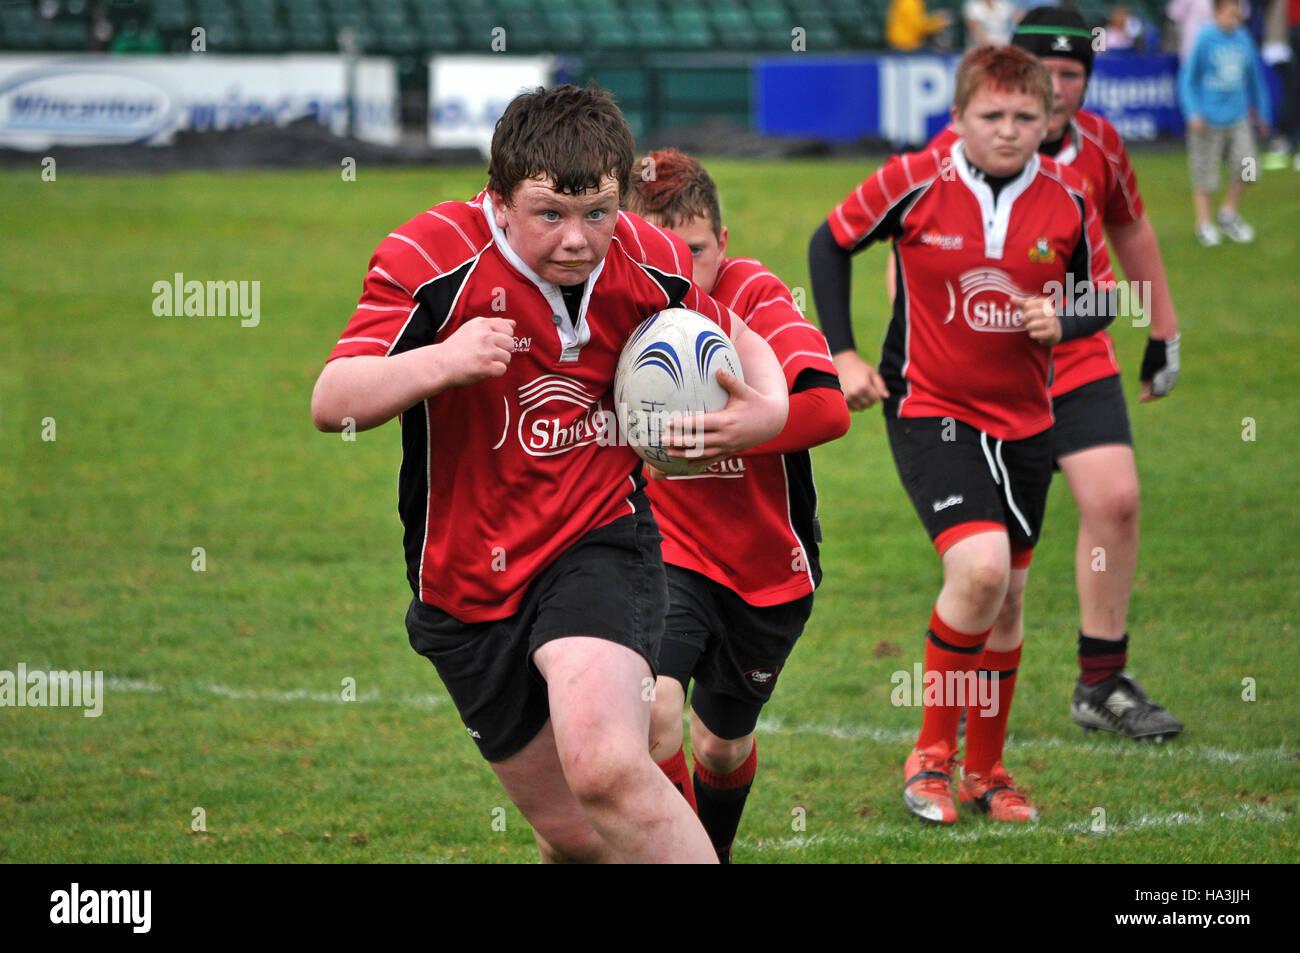 Muchachos adolescentes jugando rugby Imagen De Stock